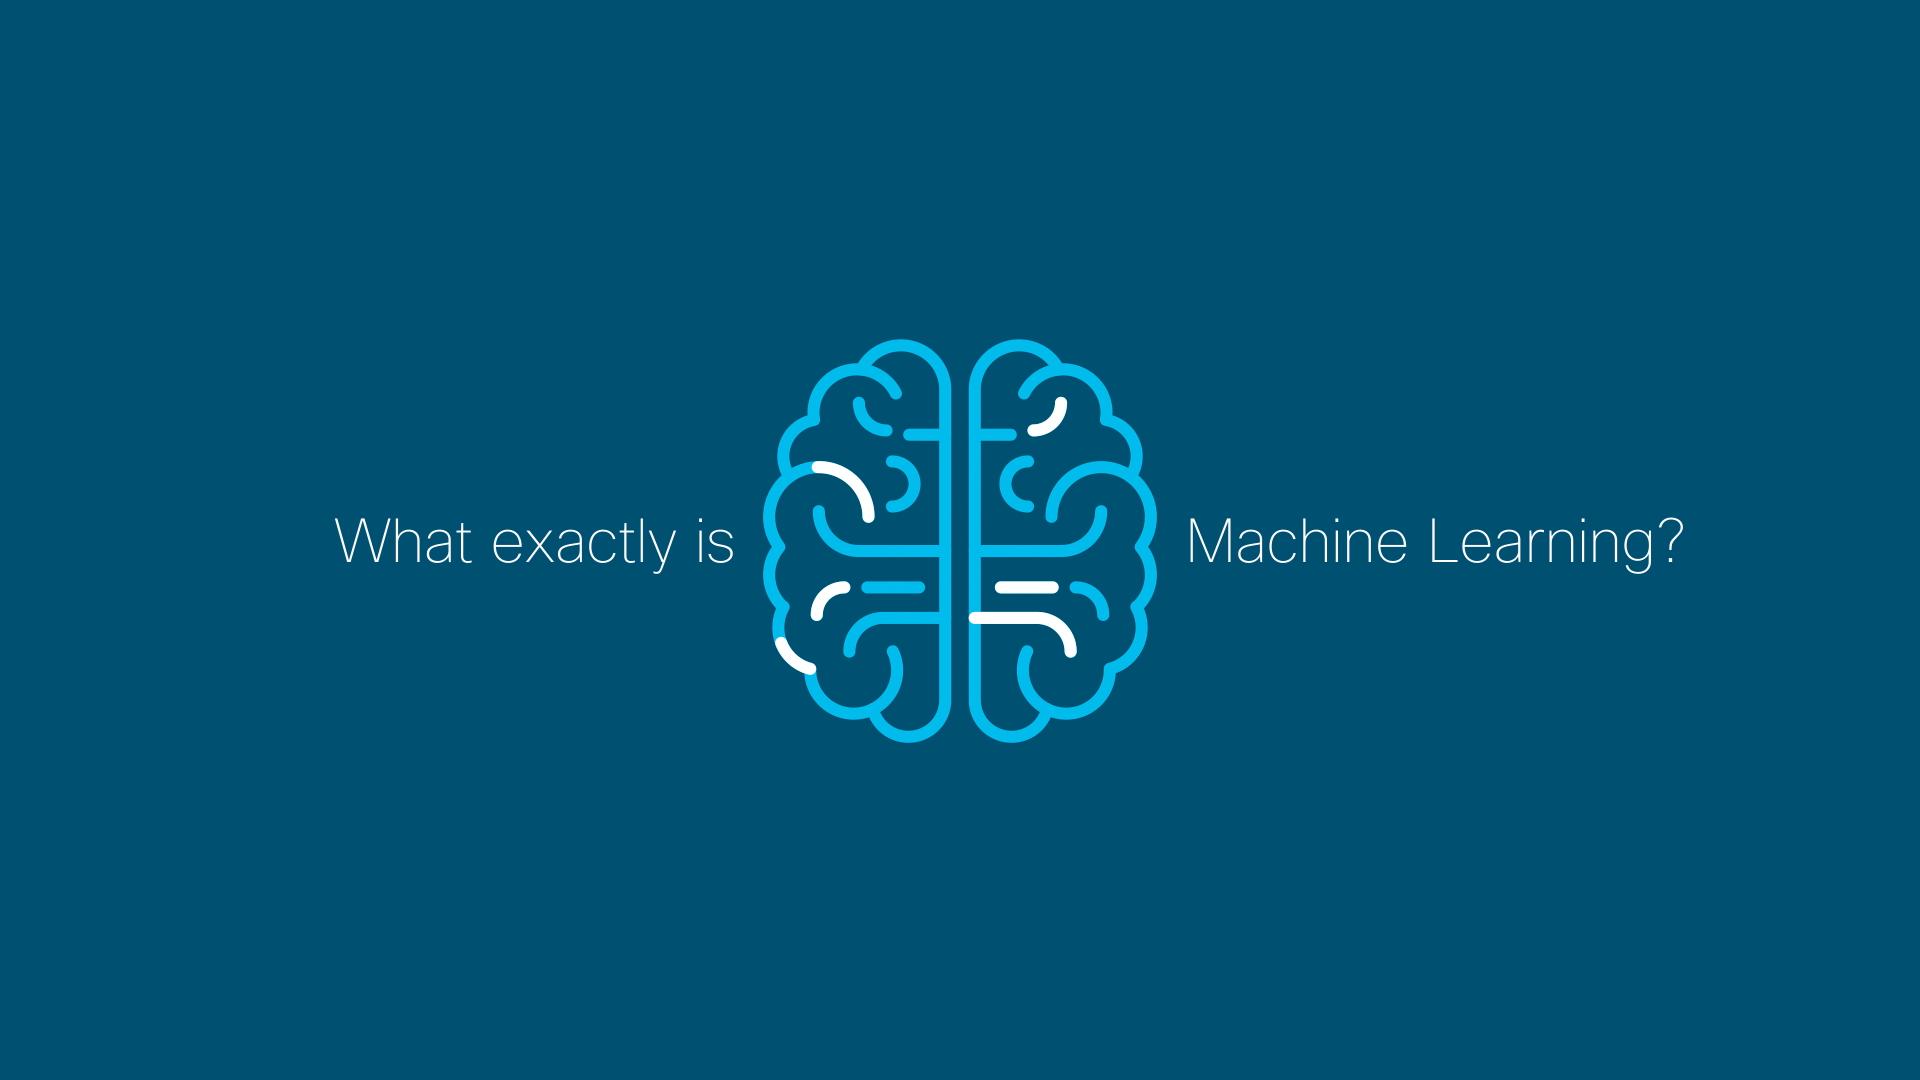 MachineLearning_2